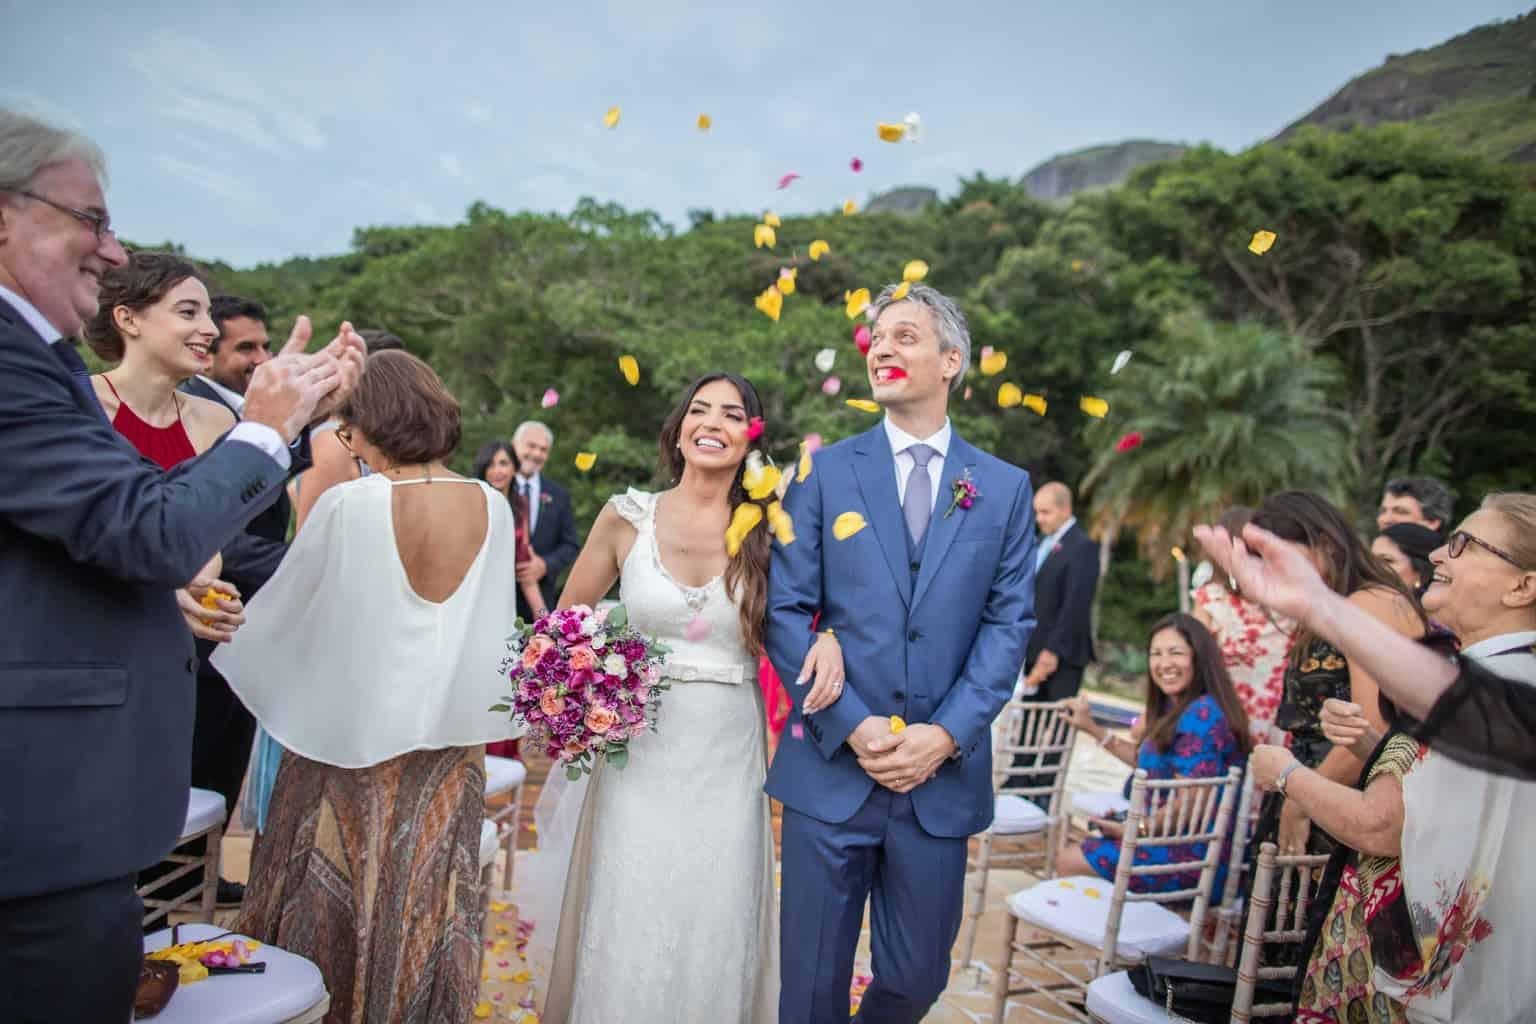 casamento-na-serra-cerimonia-ao-ar-livre-Fotografia-Laura-Campanella-graviola-filmes-Juliana-e-Sebastian-Pousada-La-Belle-Bruna-saida-dos-noivos302